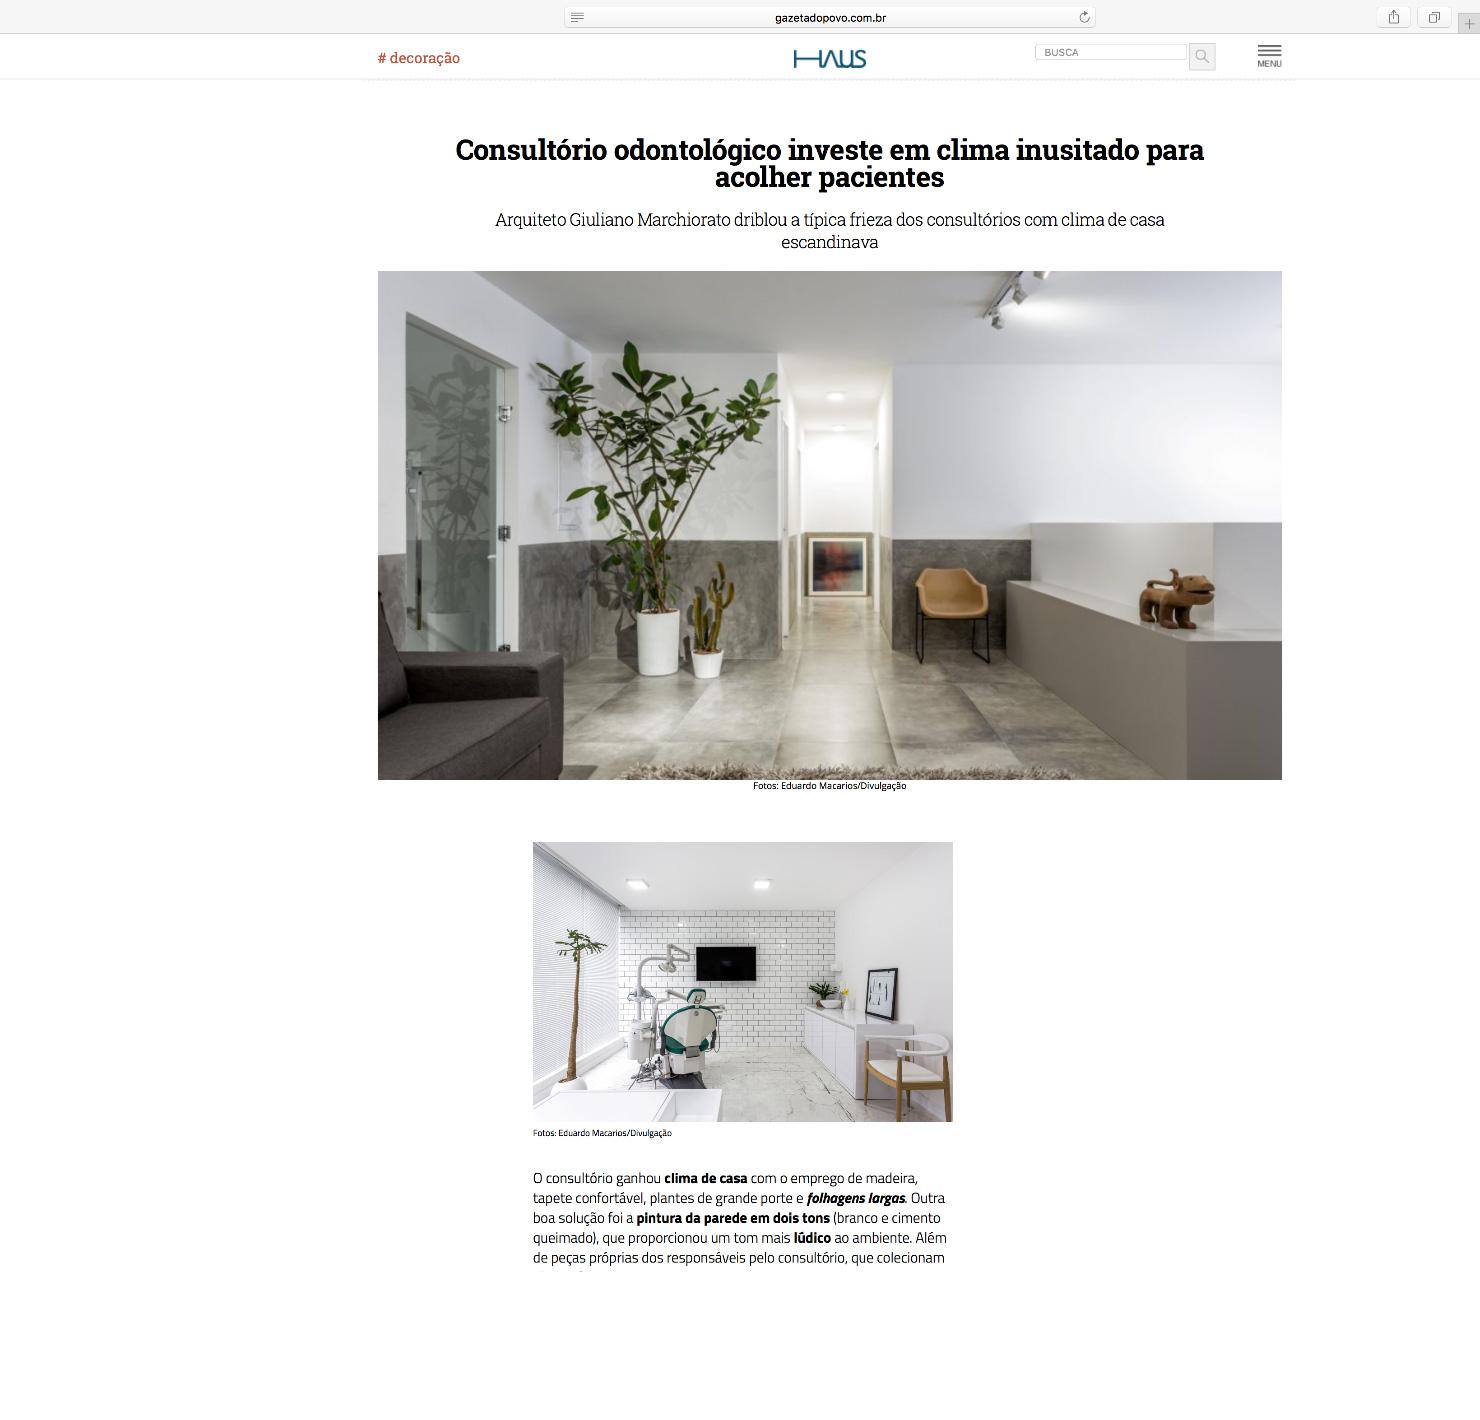 Clínica Gaex Aligner  HAUS Gazeta do Povo |  Link